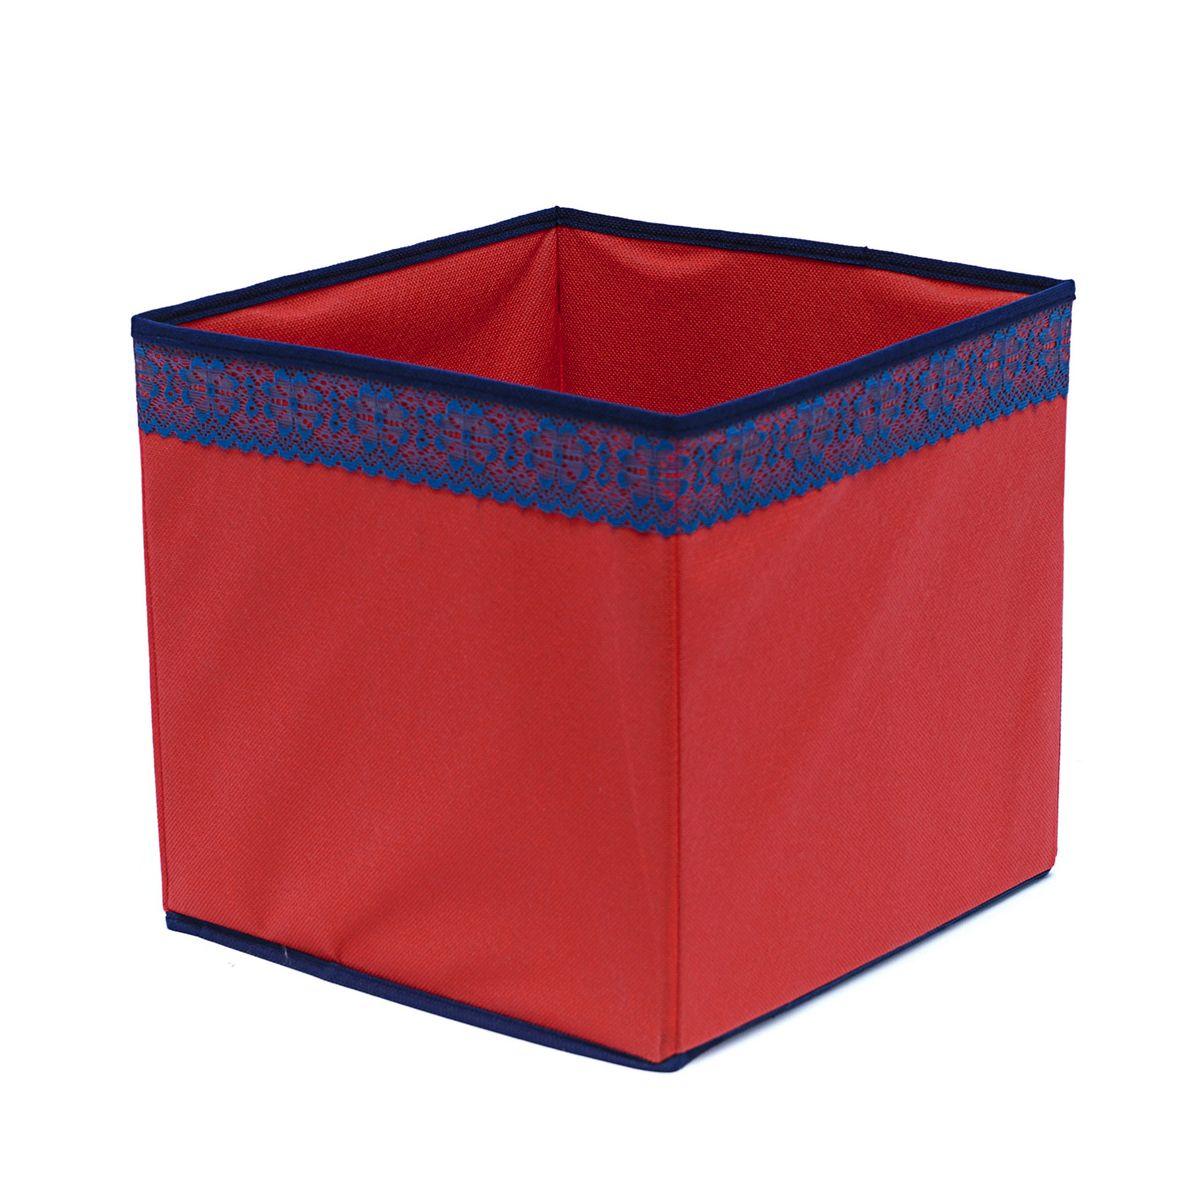 Кофр для хранения Homsu Rosso, 27 х 27 х 27 смRG-D31SКофр для хранения Homsu Rosso изготовлен из высококачественного нетканого полотна и декорирован вставкой из кружева. Кофр имеет одно большое отделение, где вы можете хранить различные бытовые вещи, нижнее белье, одежду и многое другое. Вставки из картона обеспечивают прочность конструкции. Стильный принт, модный цвет и качество исполнения сделают такой кофр незаменимым для хранения ваших вещей.